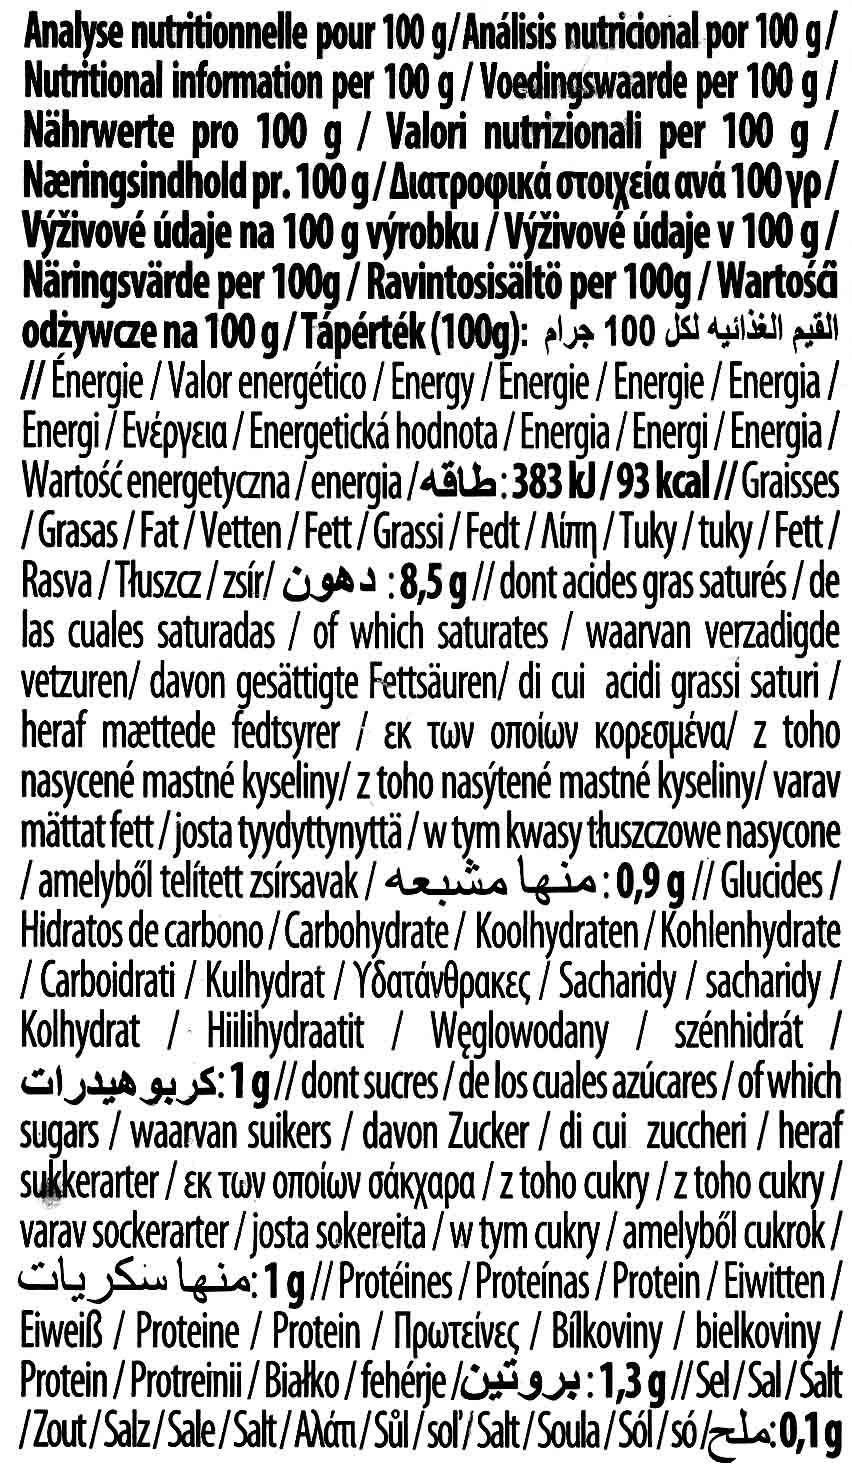 Cuisine Almendra - Información nutricional - es